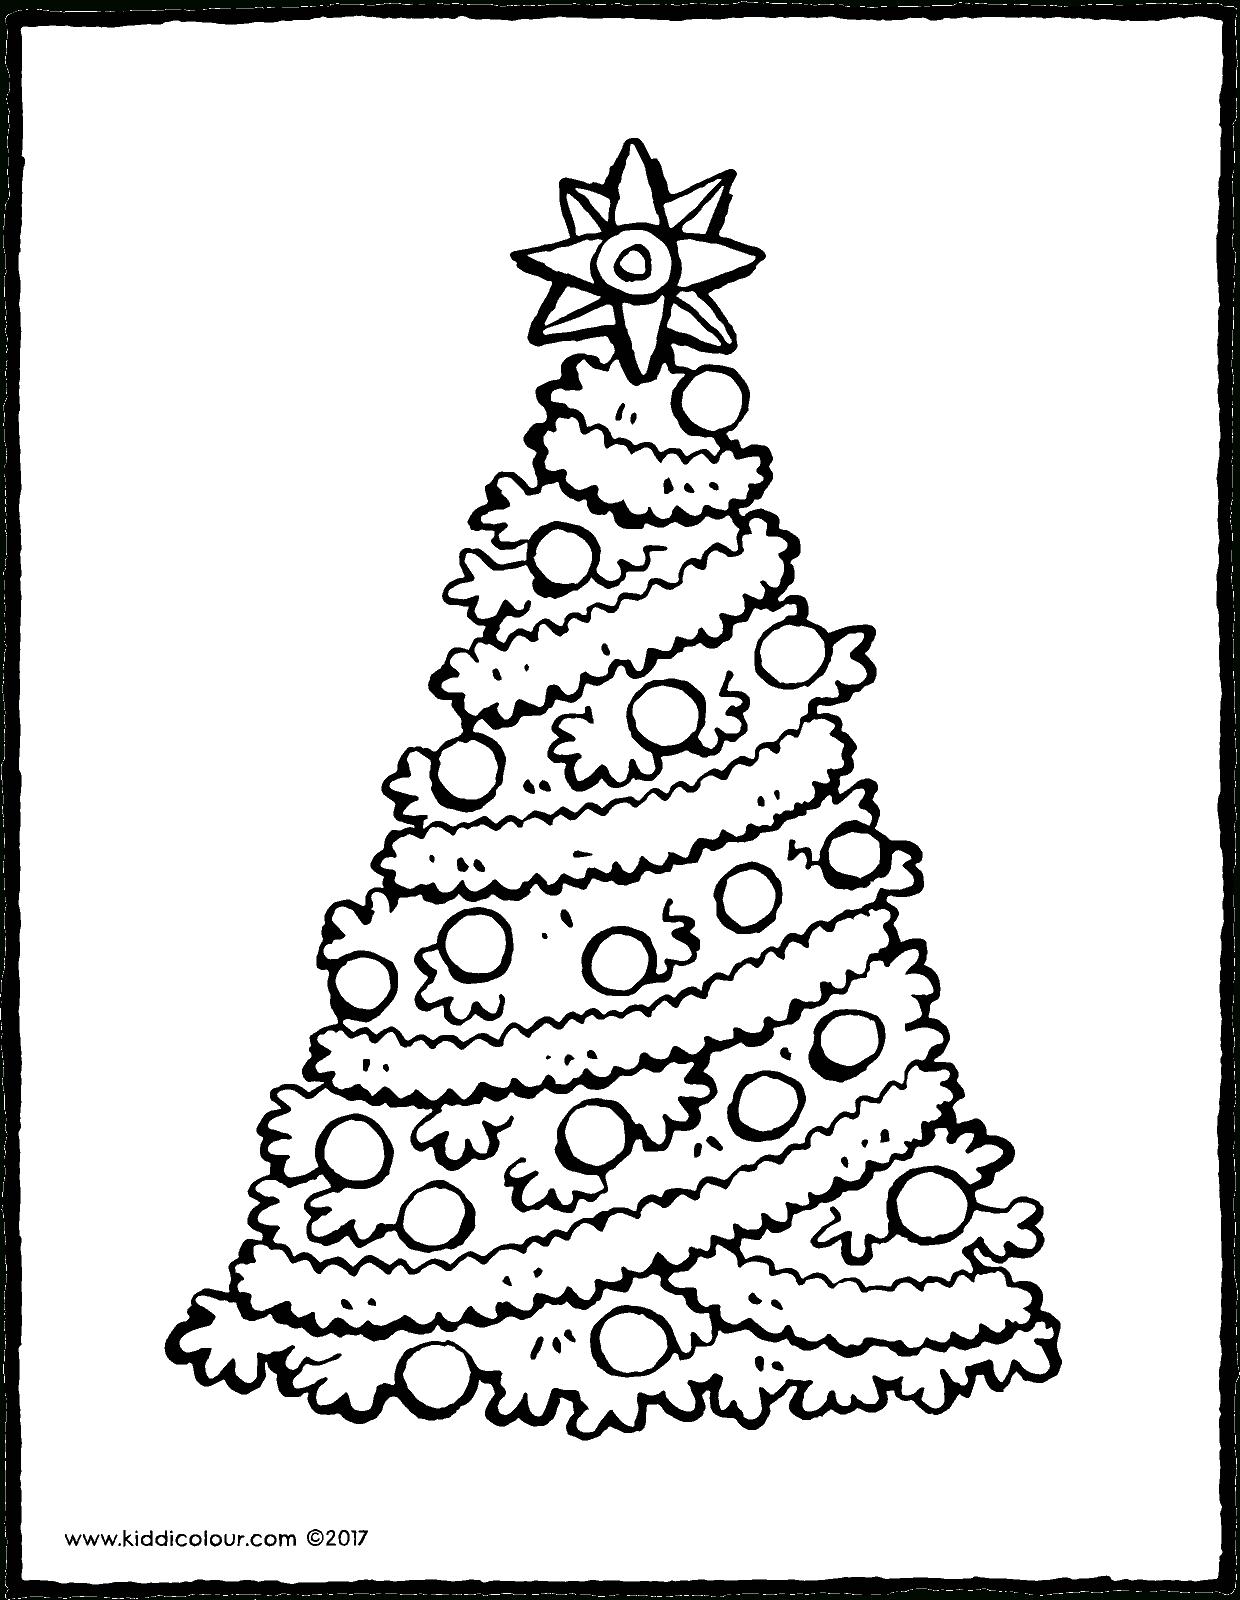 Ein Weihnachtsbaum Mit Einem Großen Stern - Kiddimalseite bestimmt für Malvorlagen Tannenbaum